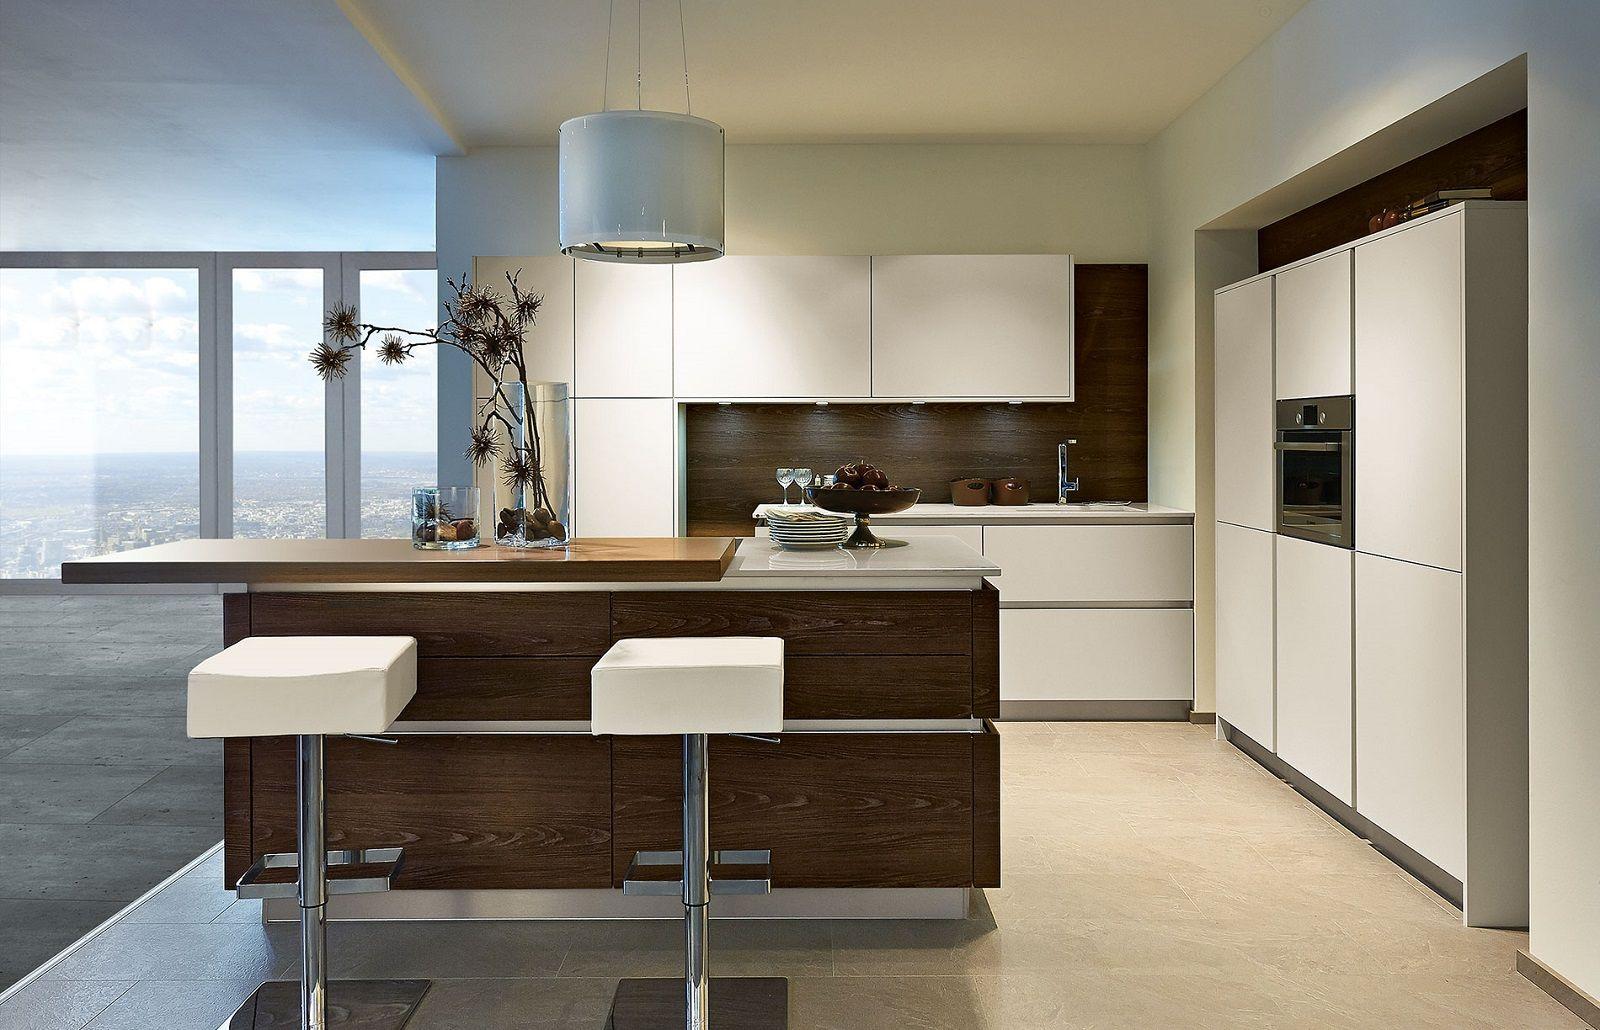 Hehku Kitchens  Visit Our Hehku Kitchen Showroom For Kitchen Gorgeous Kitchen Design And Installation Design Inspiration